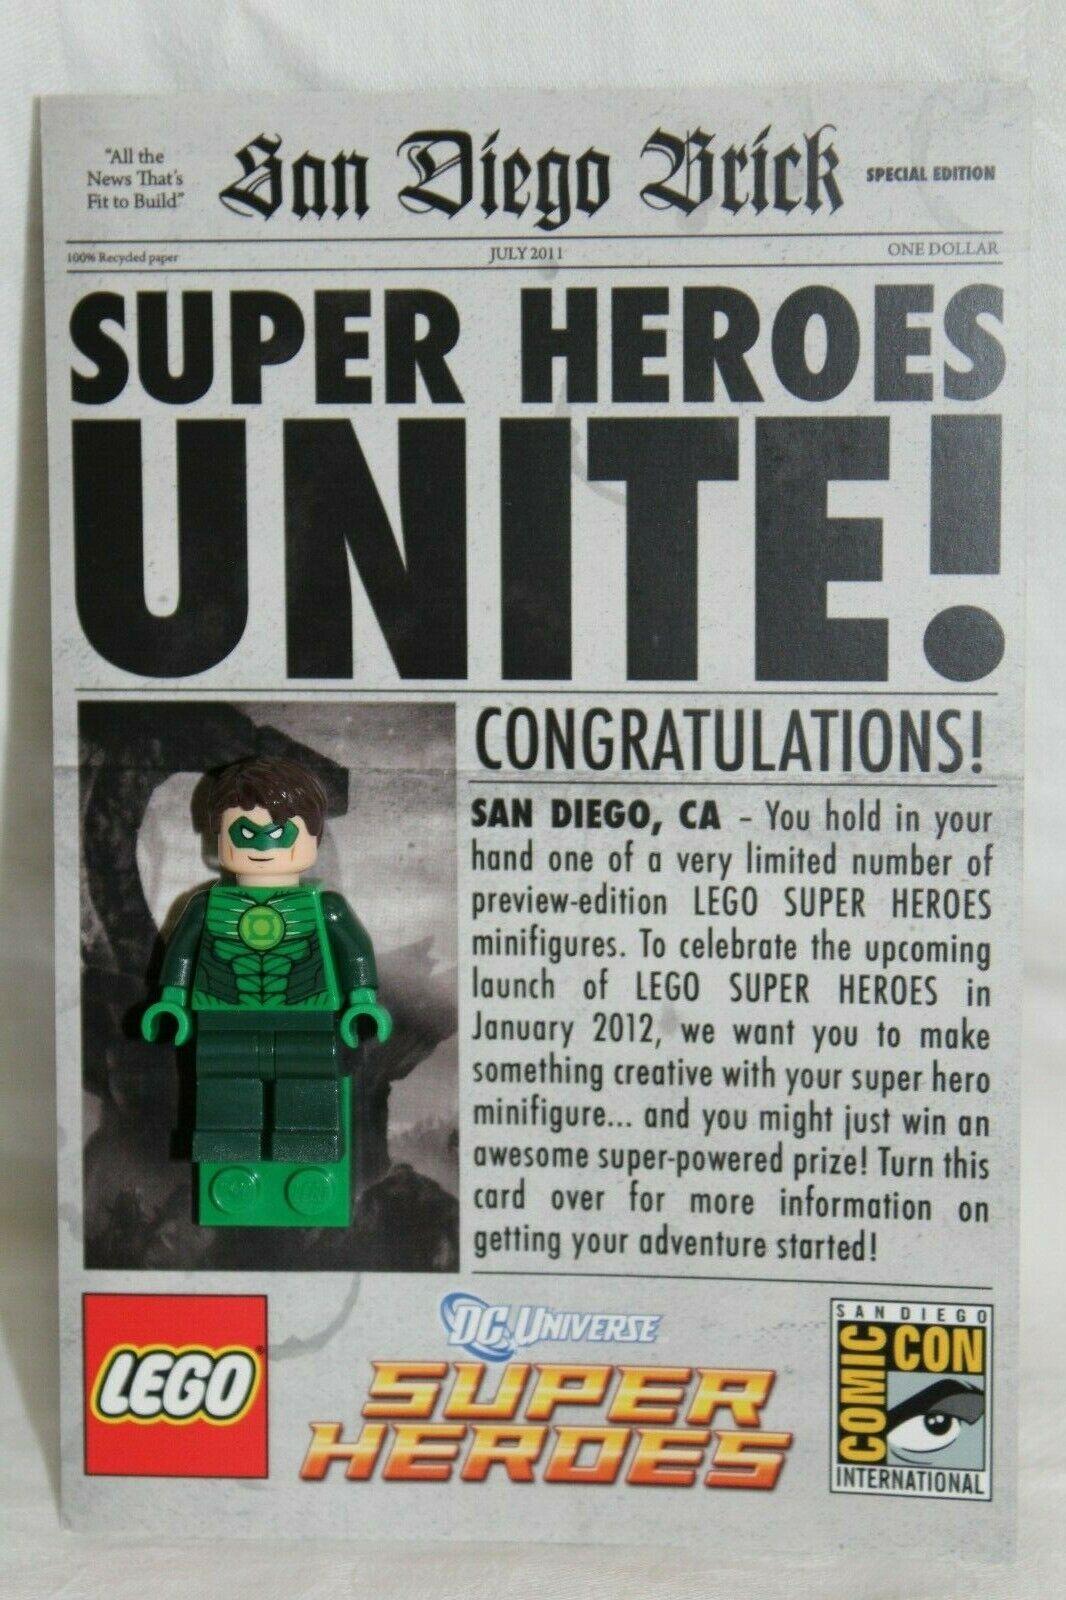 nuovo York  Comic Con Lego minicifra verde Lantern comcon016-1 Nice autod   basta comprarlo